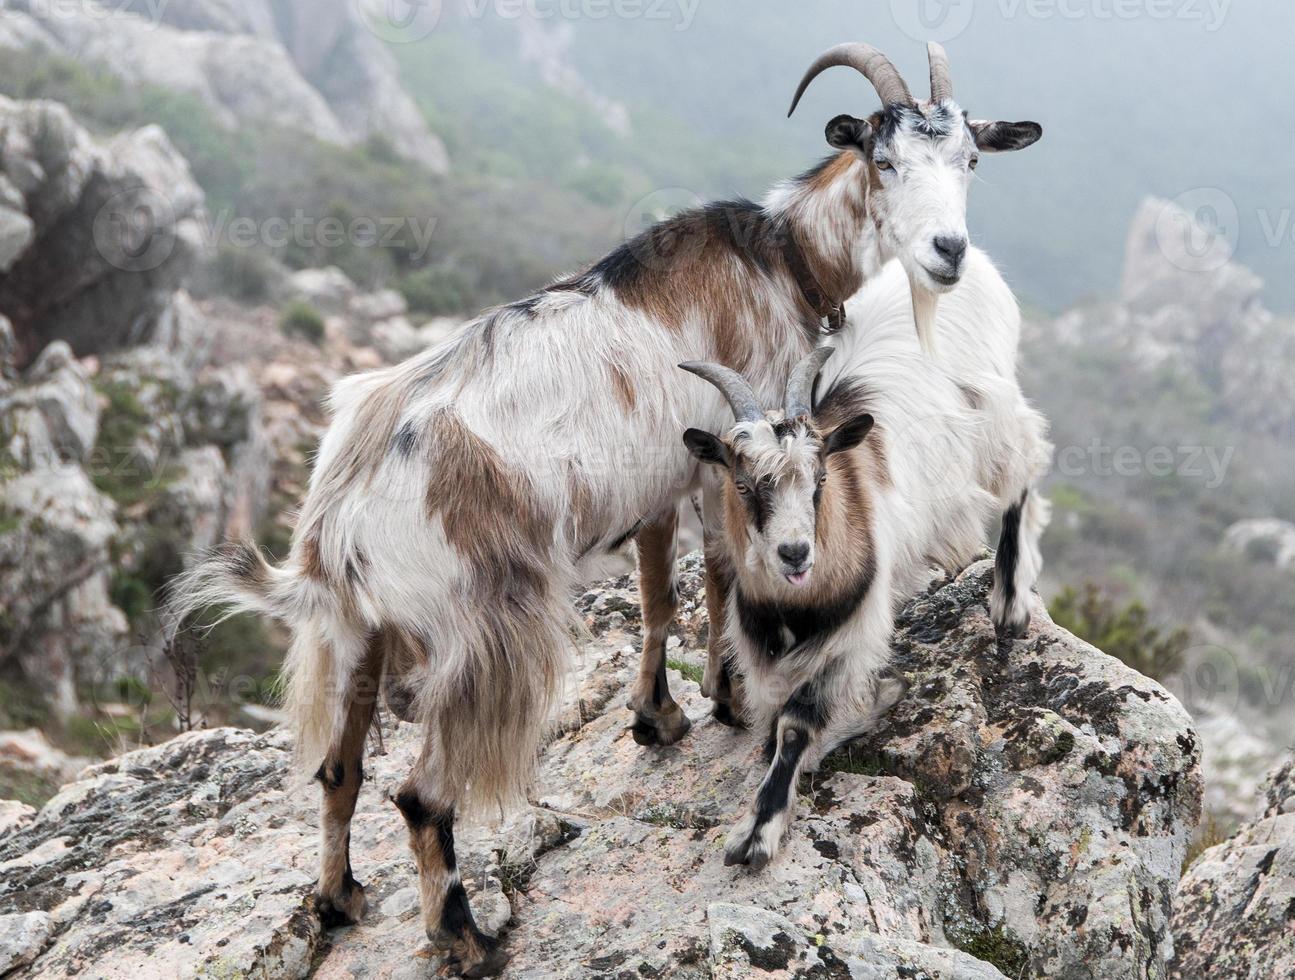 deux chèvres foto